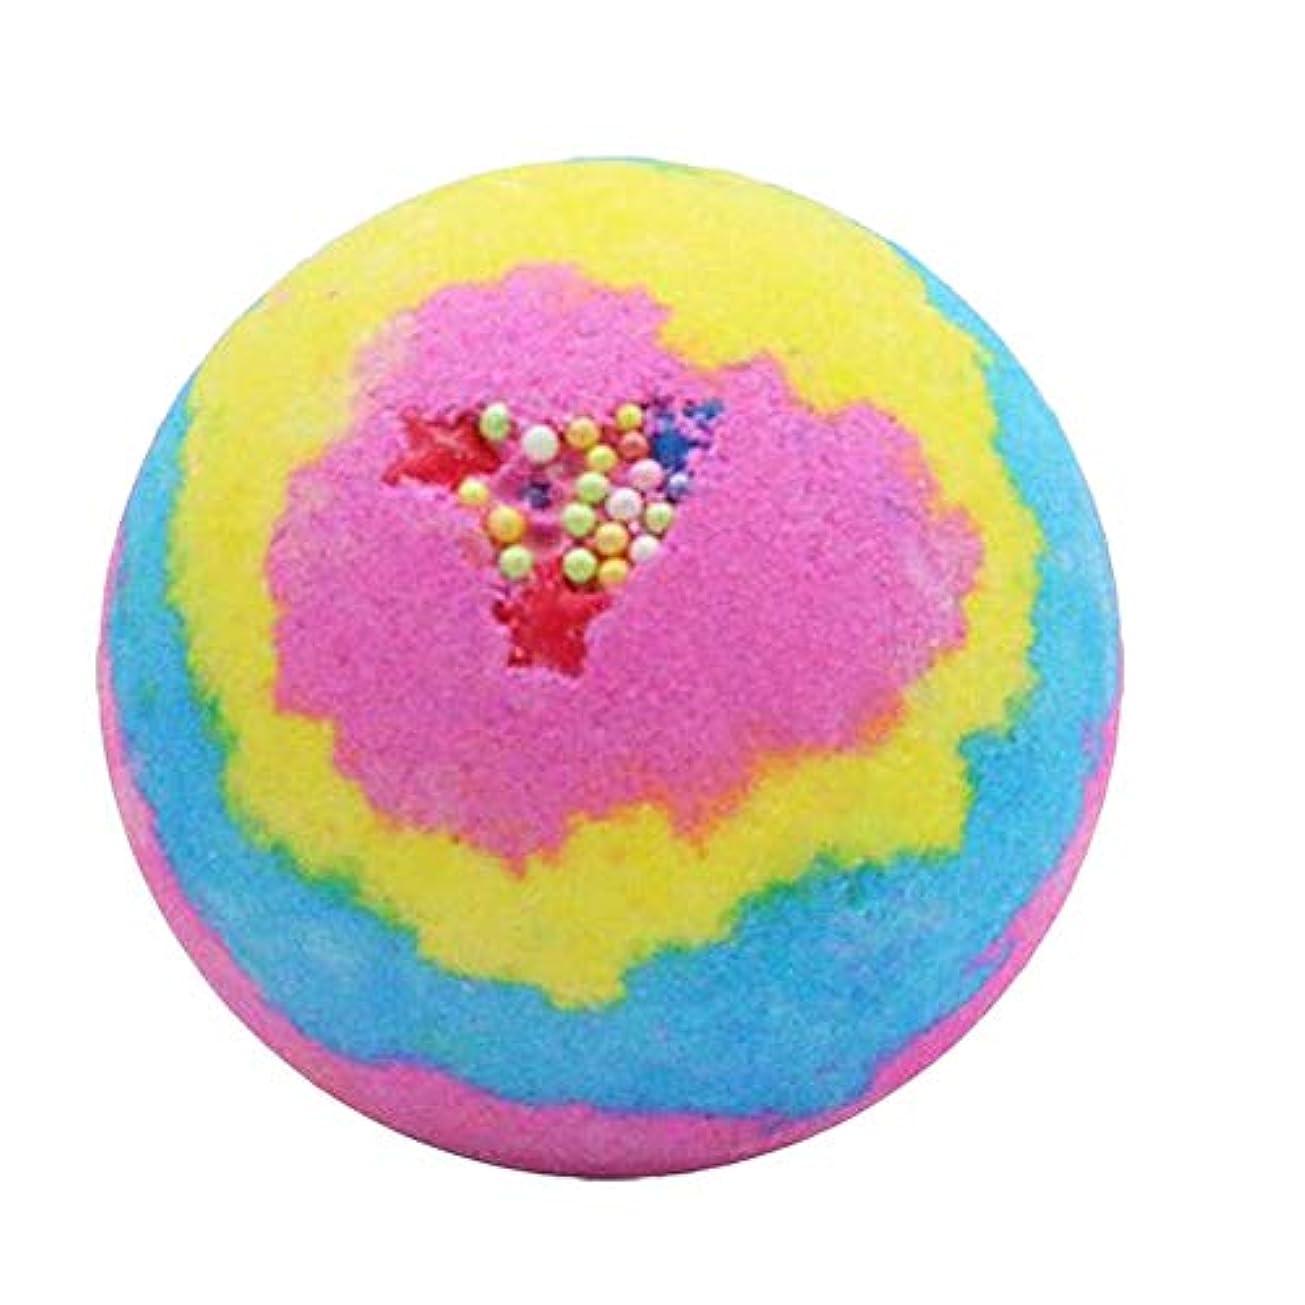 エコー頭一節TOOGOO レインボー ローズ入浴ボムズボール、スパ 誕生日プレゼント 潤いを与えます 女性のため、彼女のためのバスボムギフト